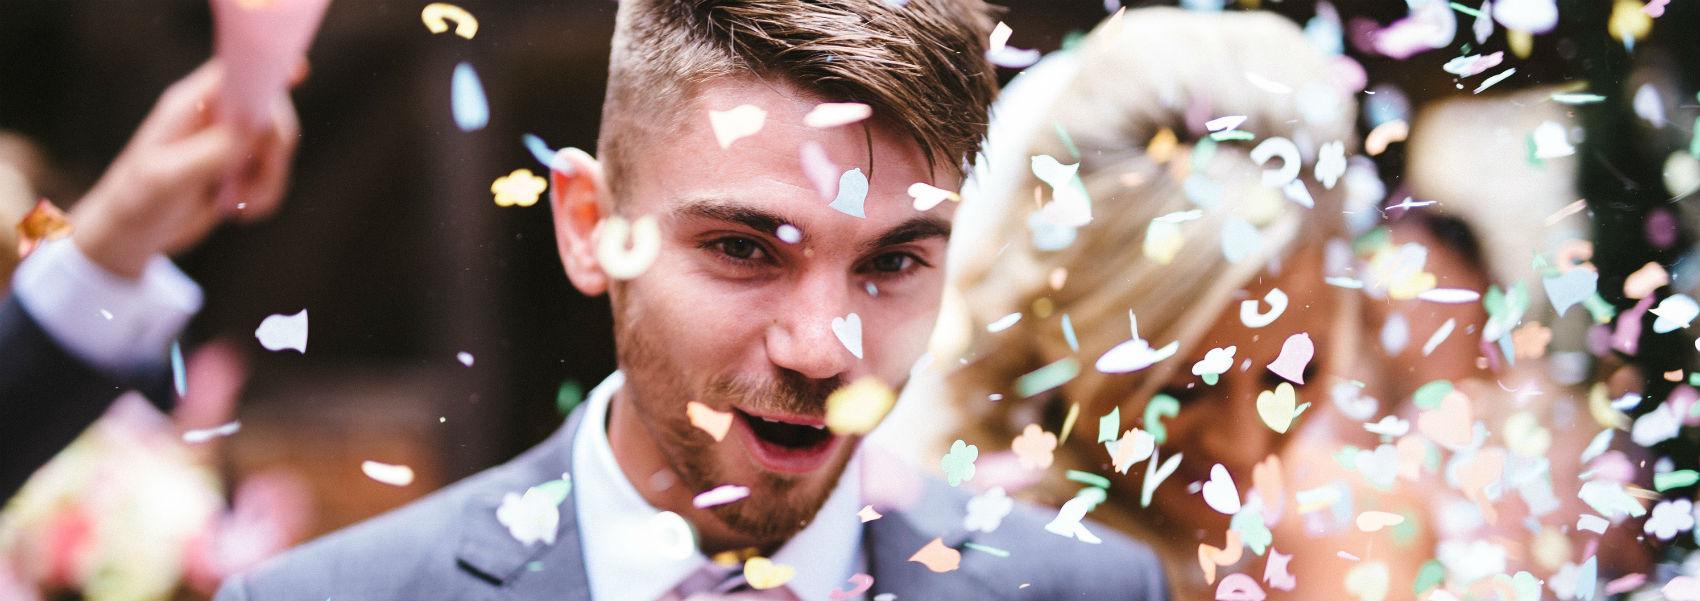 Uw unieke bruiloft